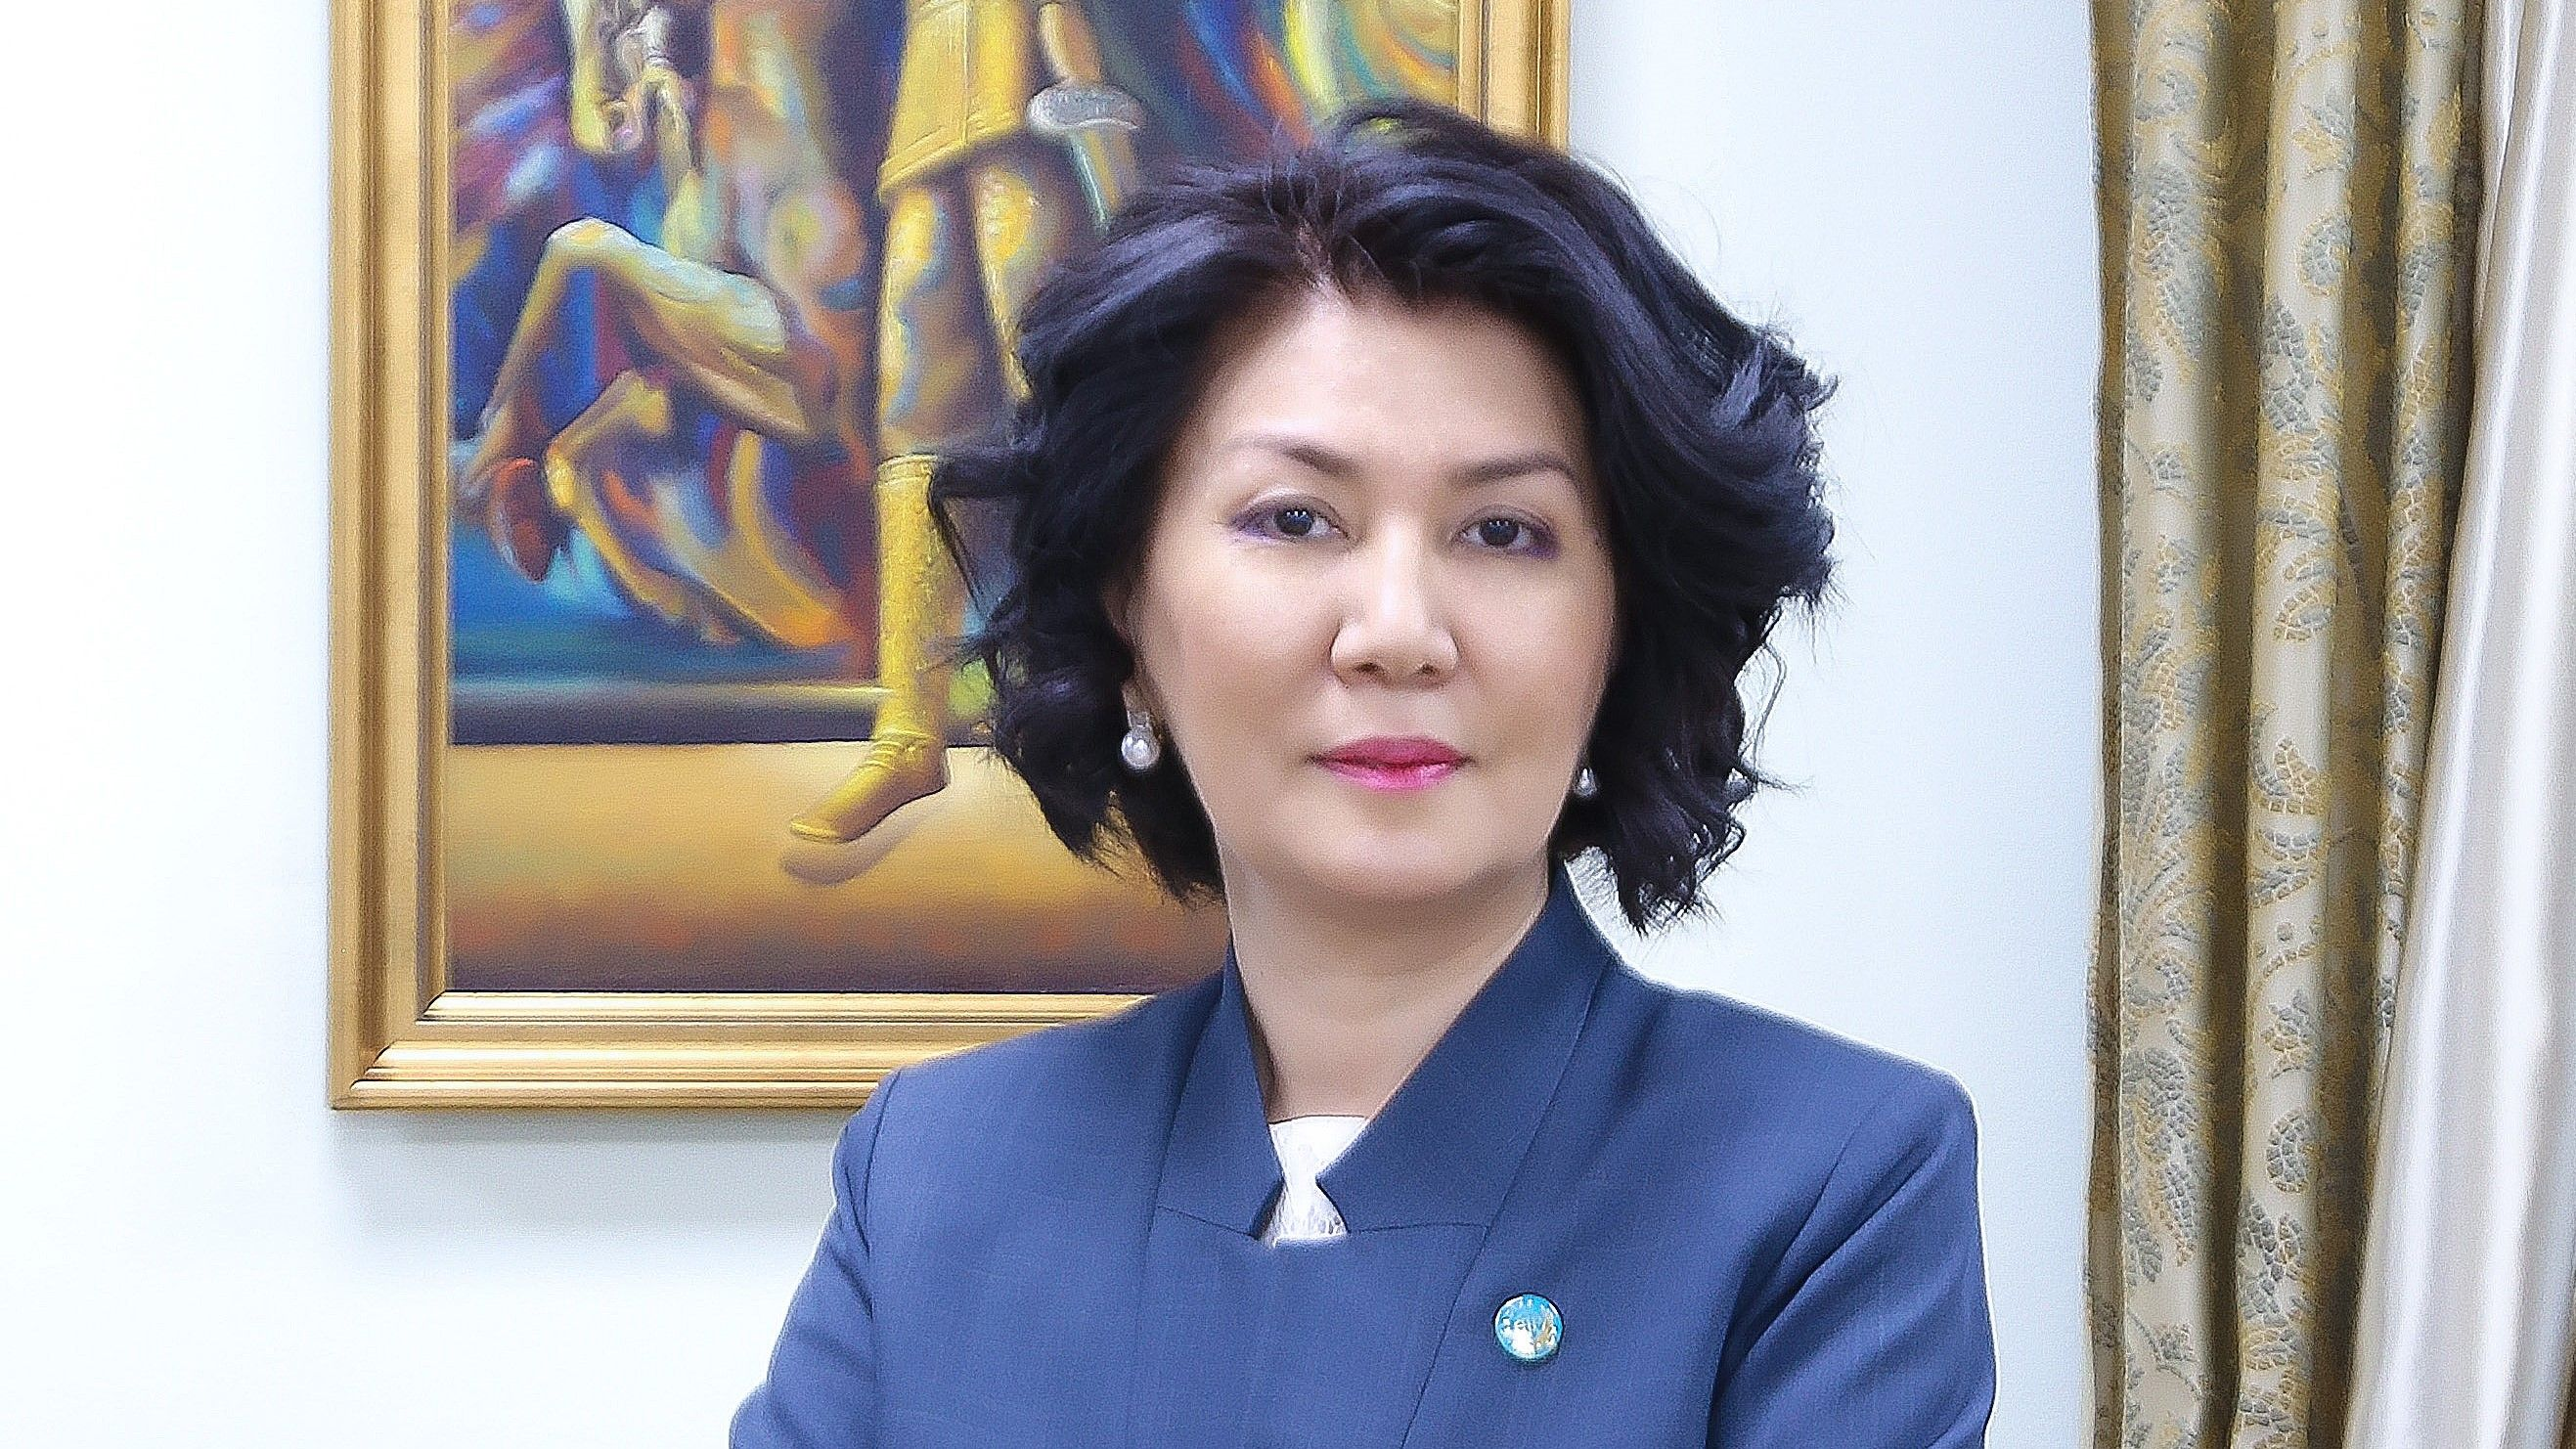 Переселение в россию из казахстана по госпрограмме 2020 отзывы